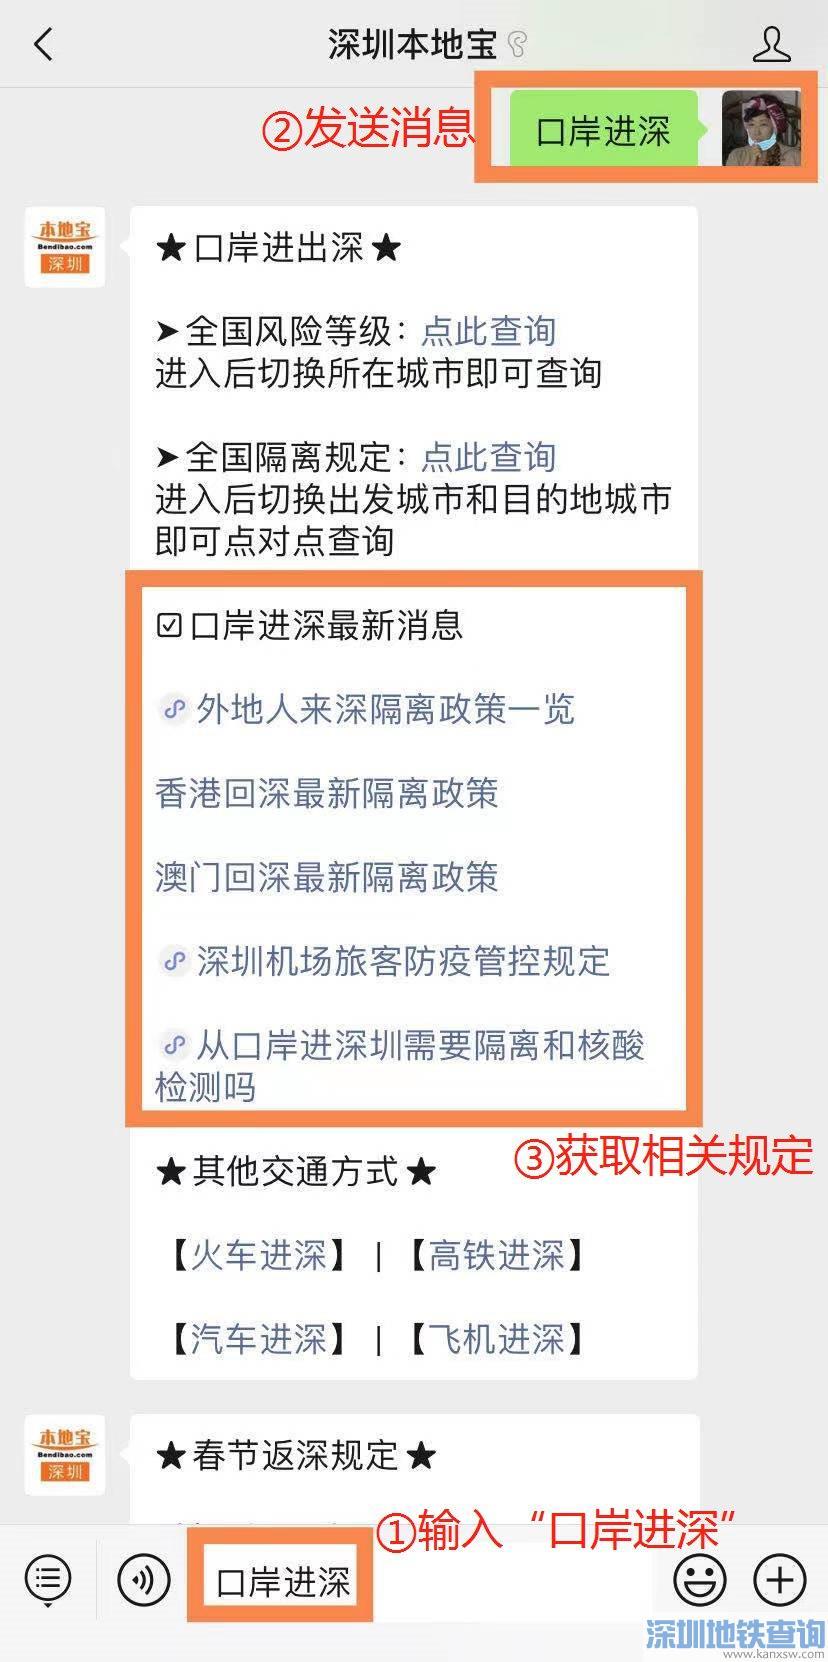 2021春节期间从深圳湾口岸入境需要隔离吗